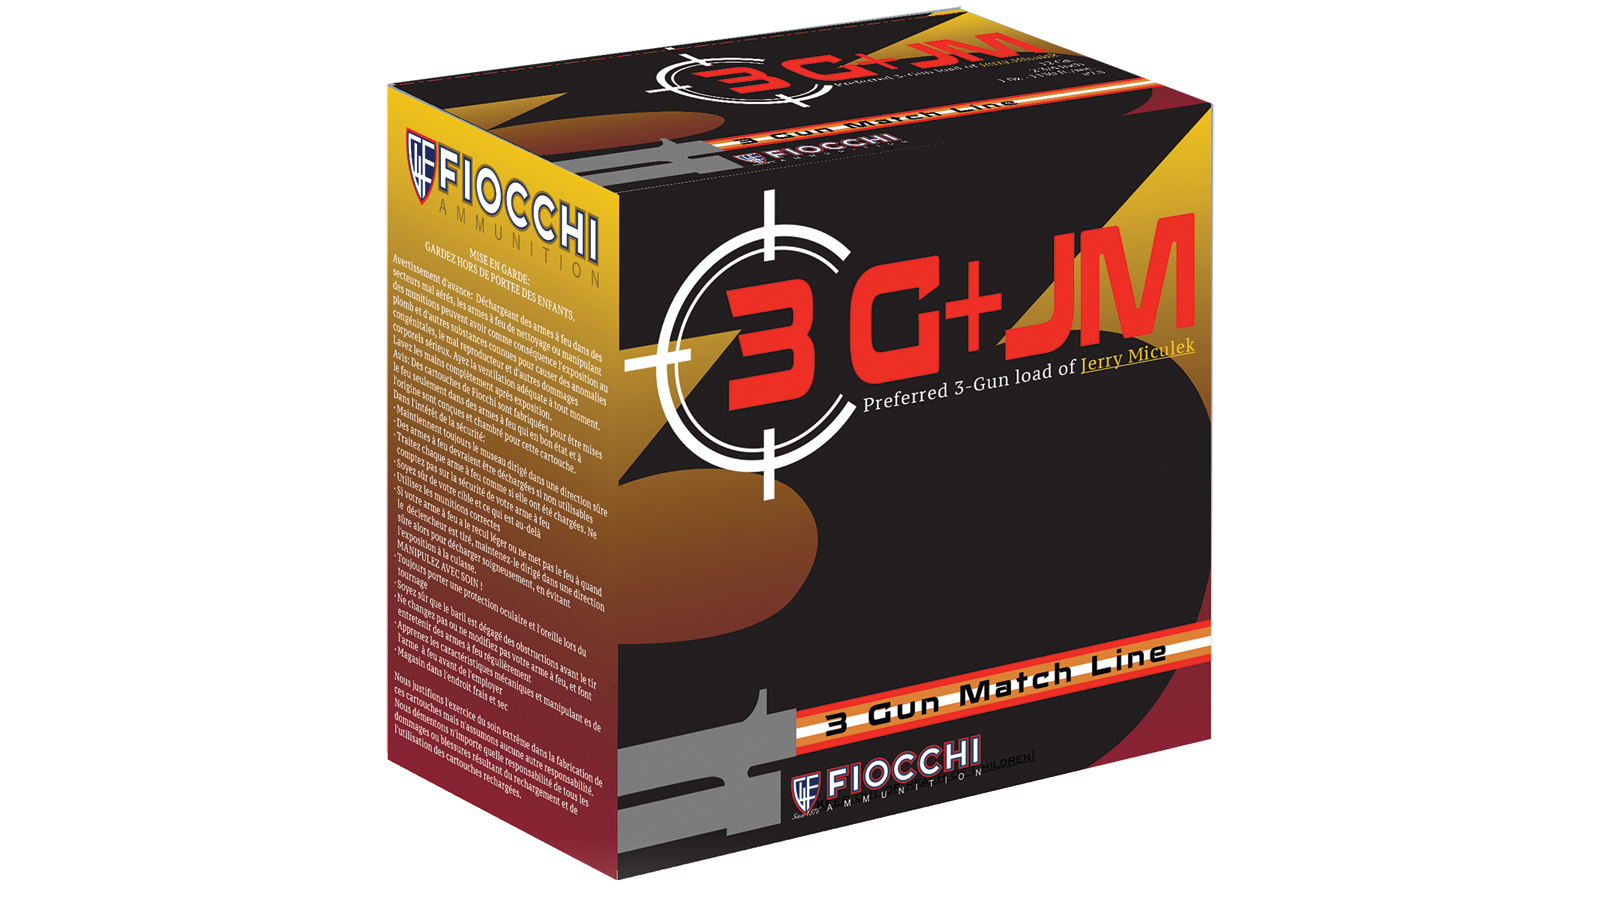 Fiocchi Ammo 12WR3G75 3 Gun 12 Gauge Match 2 3|4 in. , 7 1|2 Shot, 1 1|8 oz, Per 25